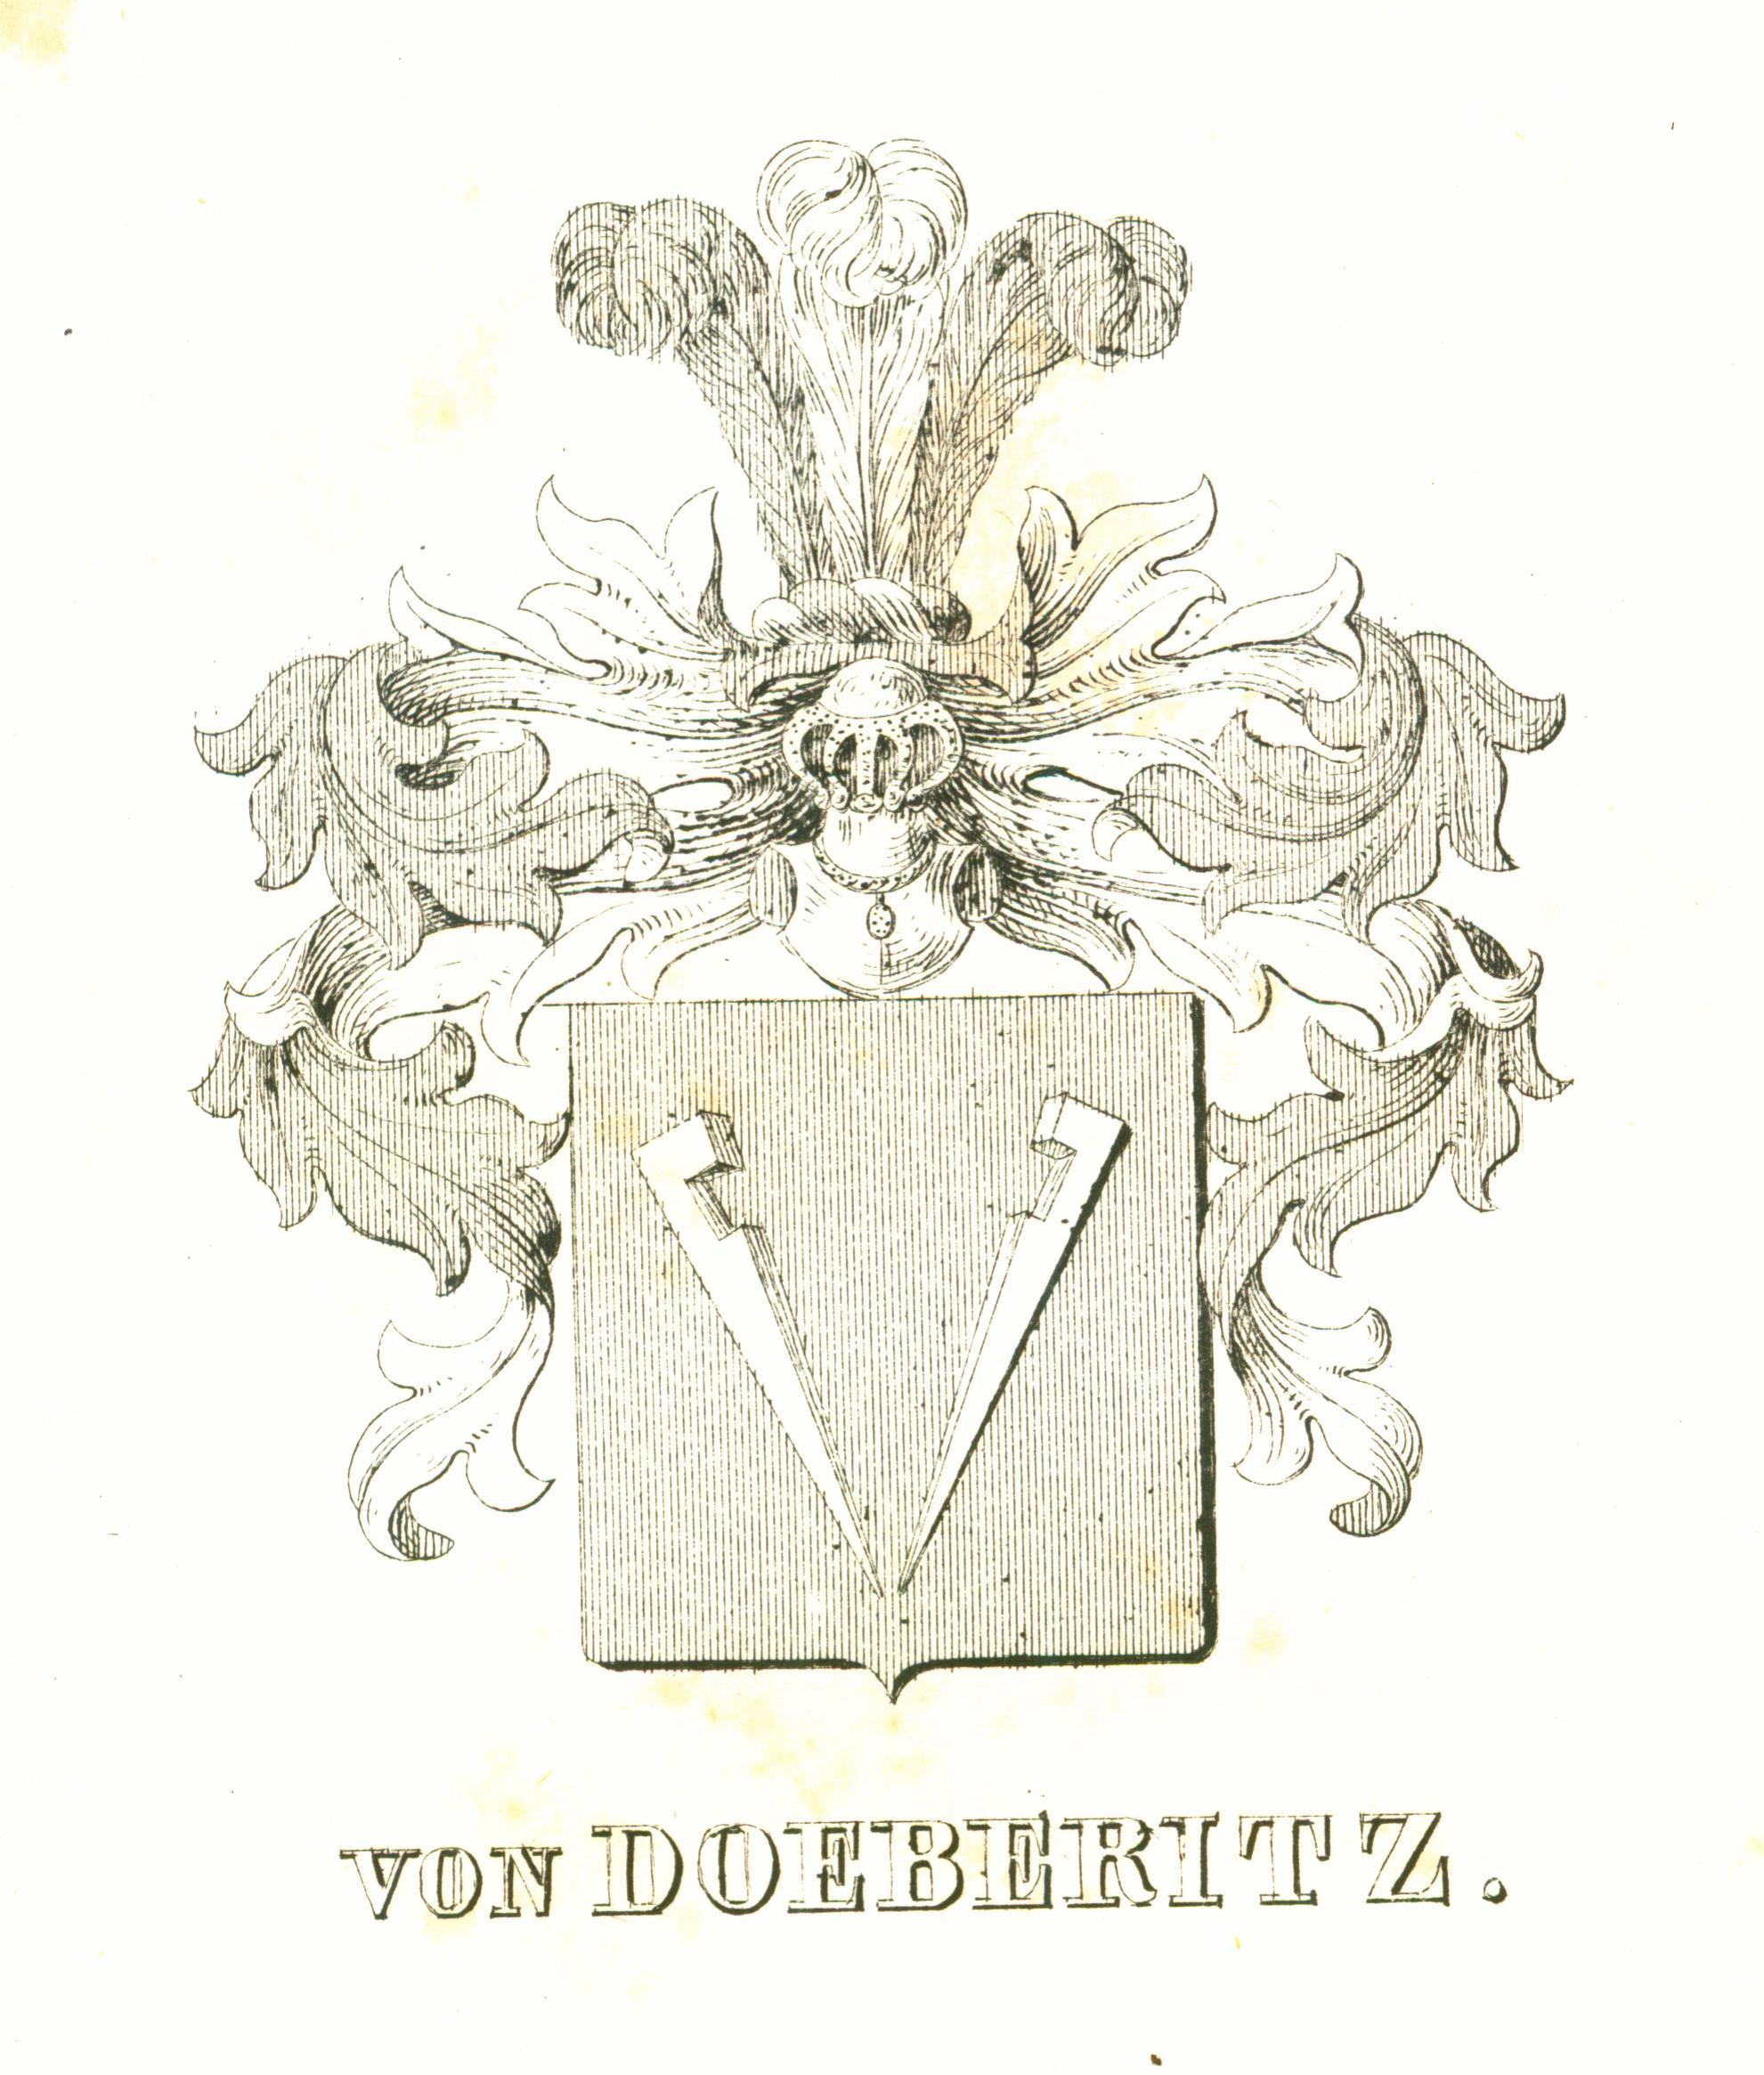 Doeberitz